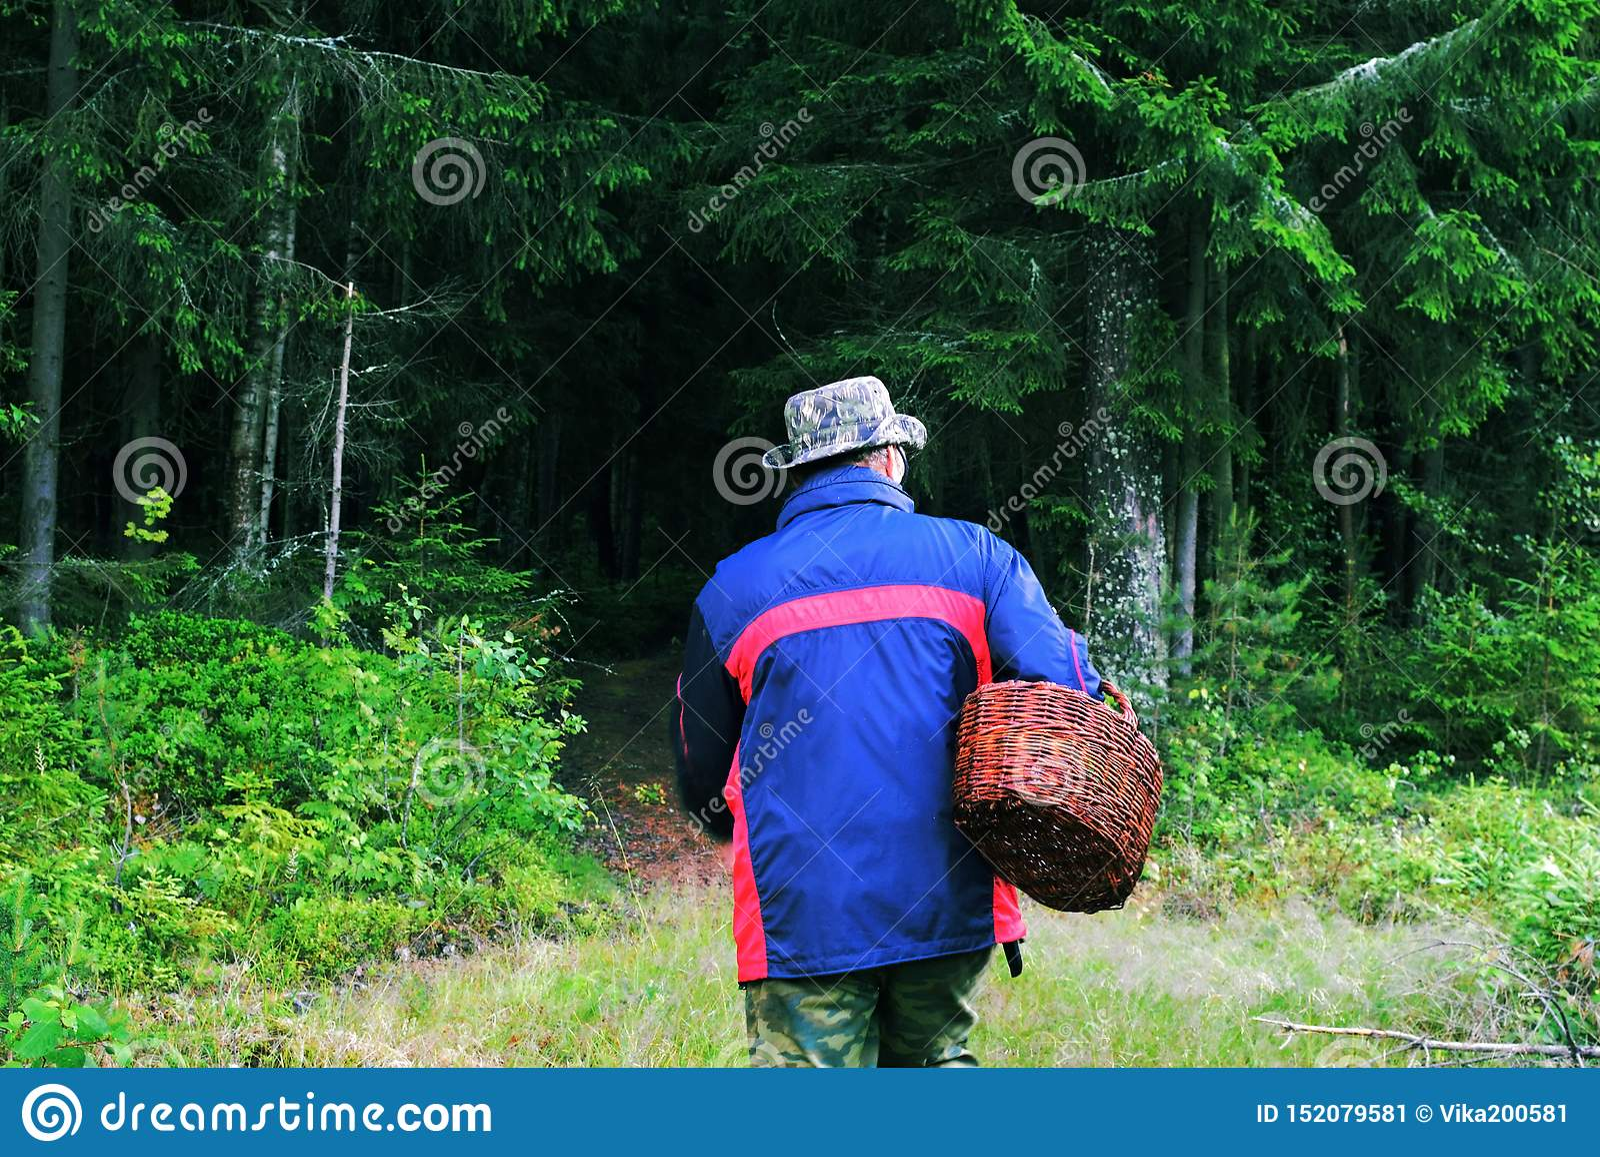 De persoon met een mand schiet in het bos als paddestoelen uit de grond